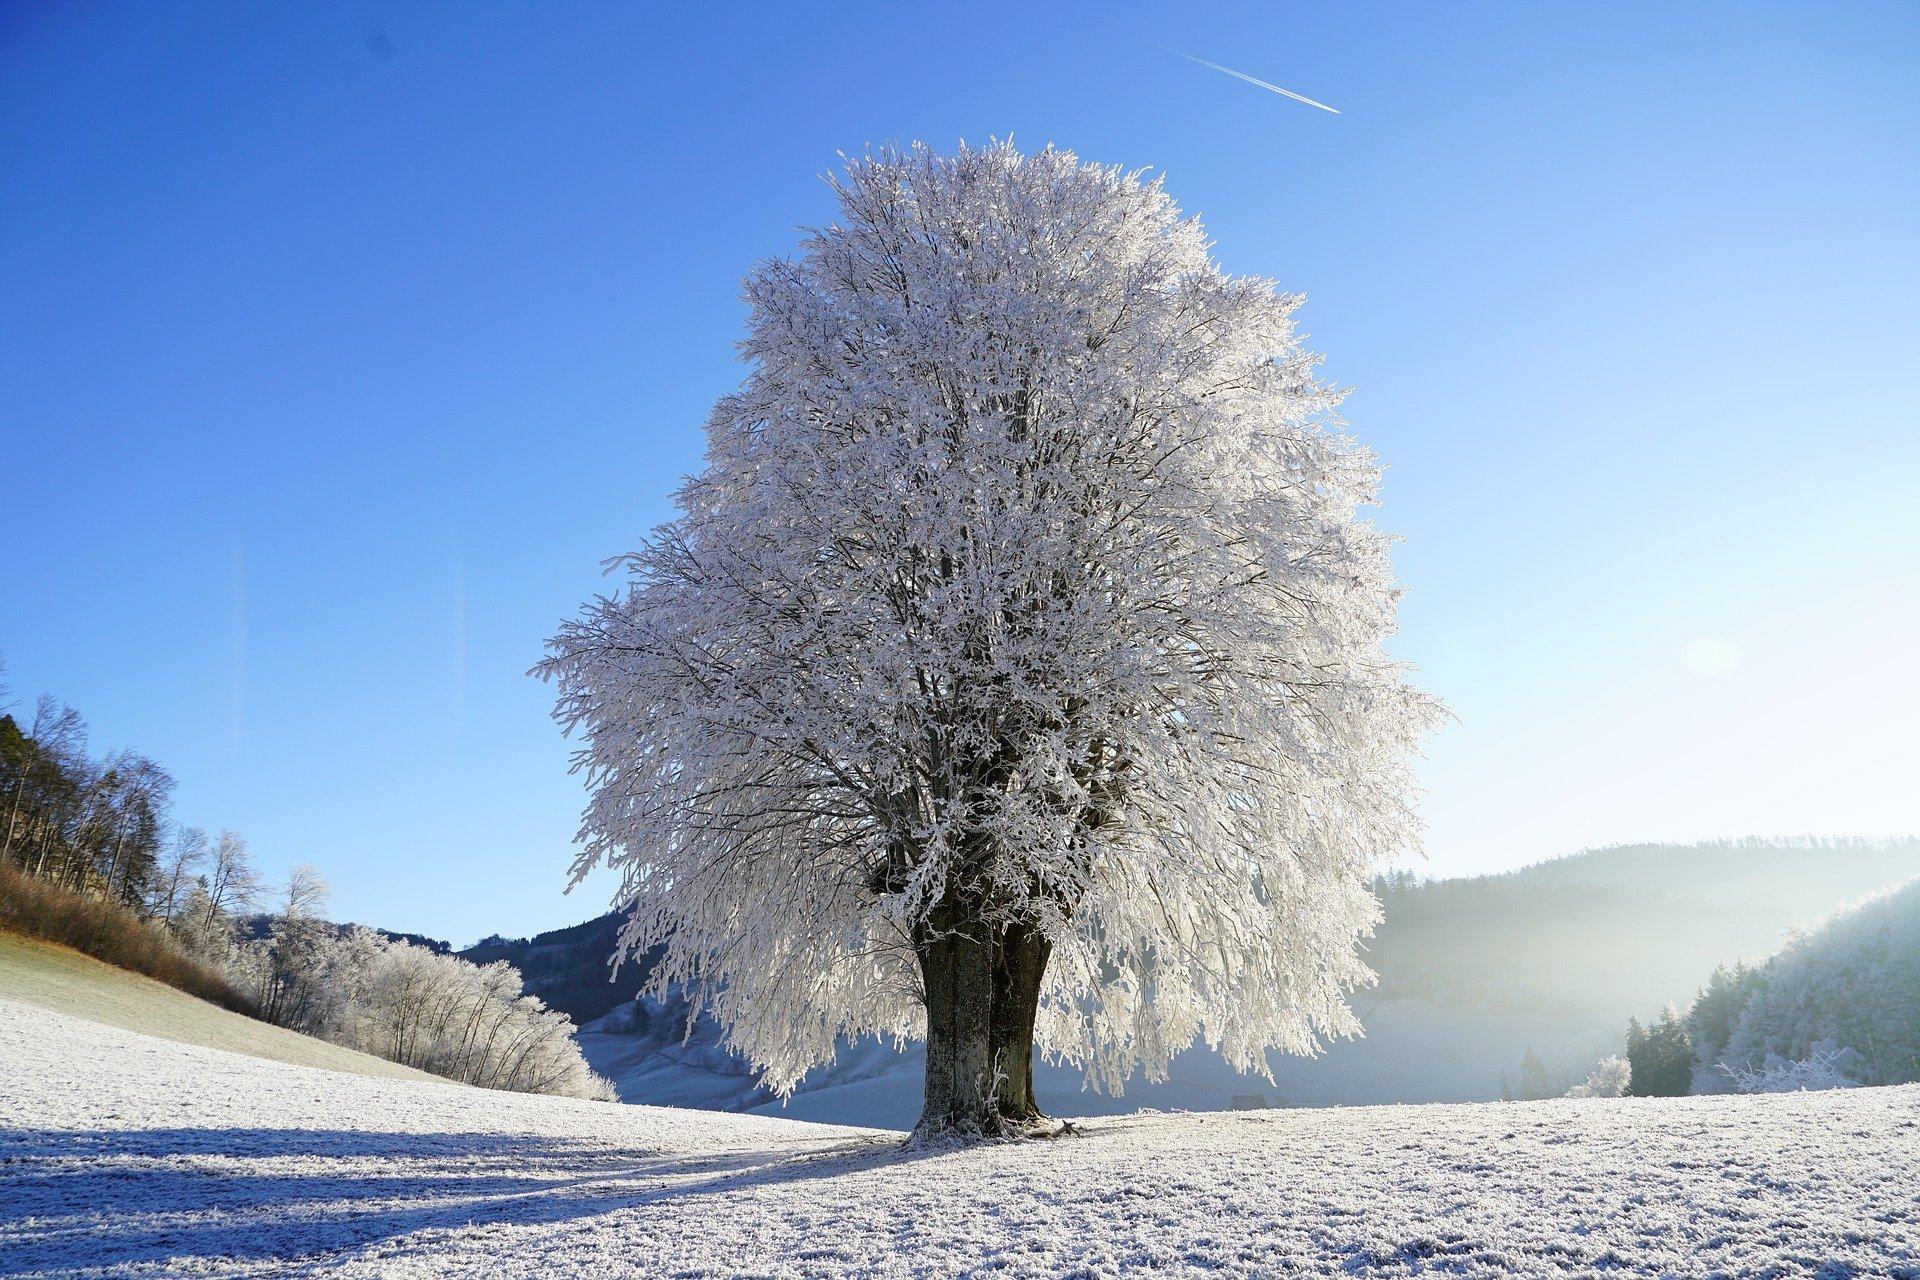 Mroźna zima, wierszyk dla dzieci o zimie